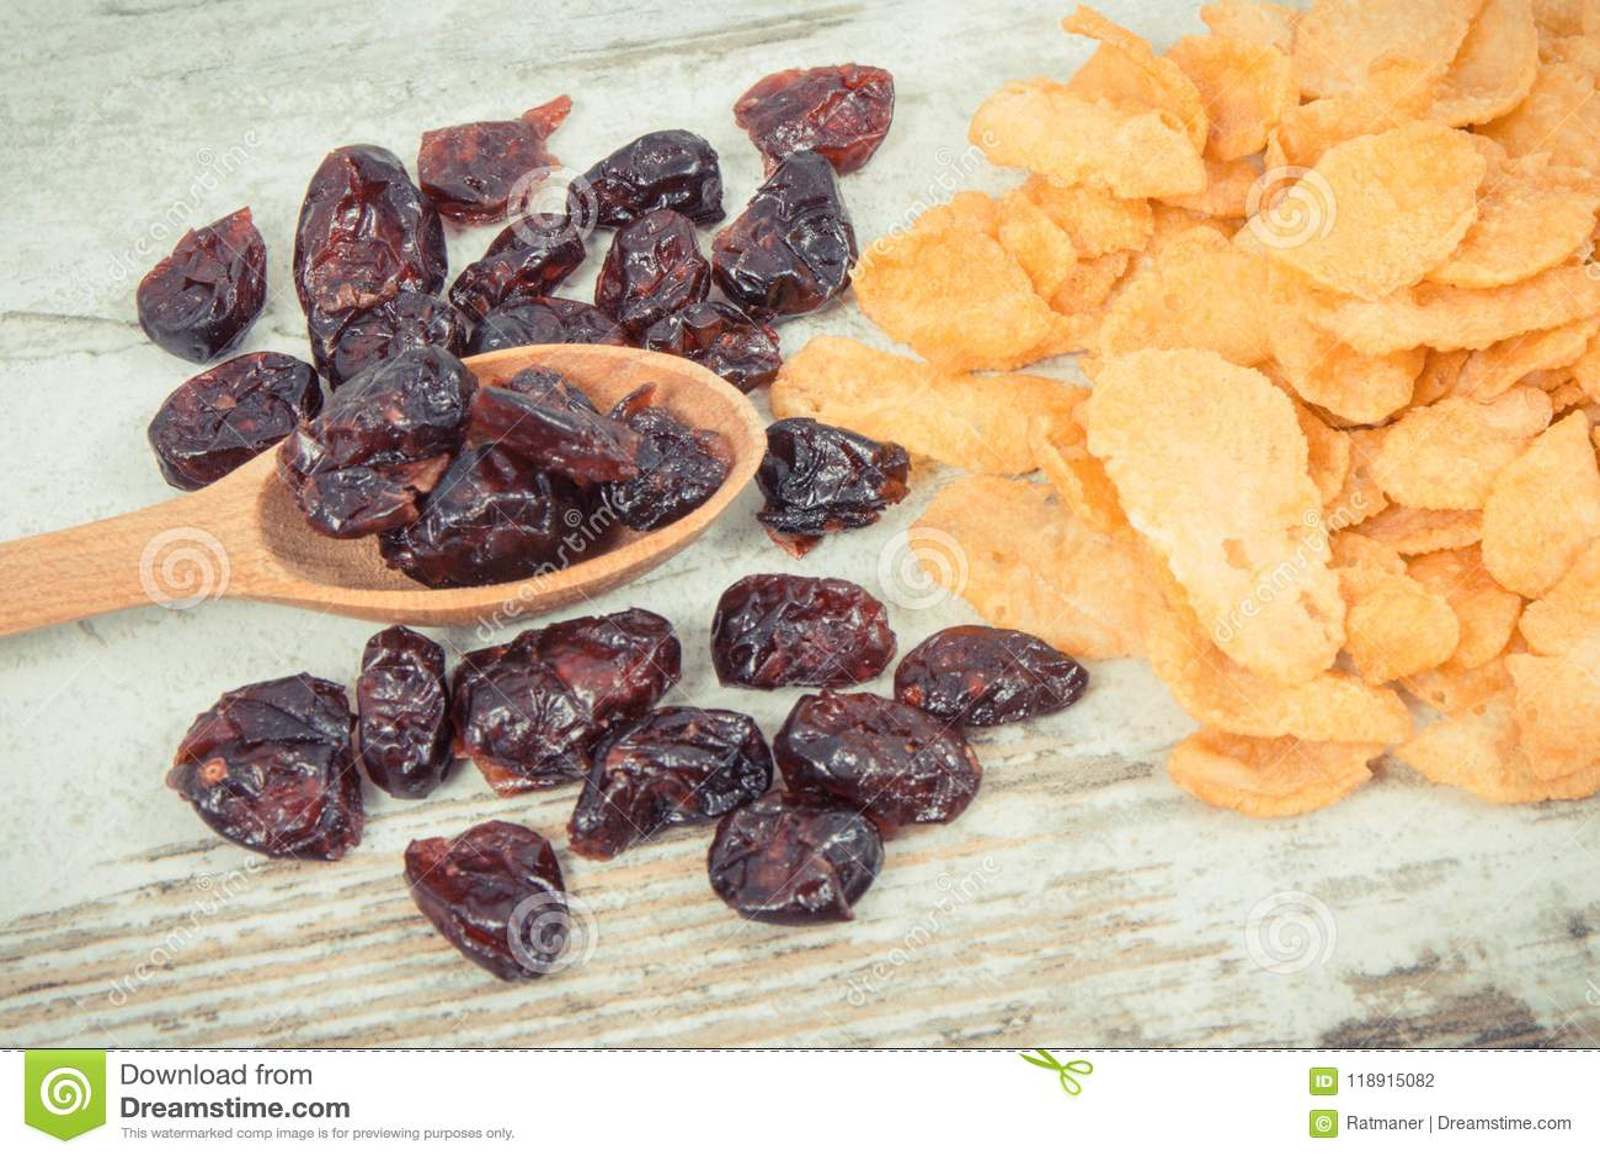 Здоровые ингридиенты содержа минералы, углеводы и диетическое волокно, питательную концепцию еды